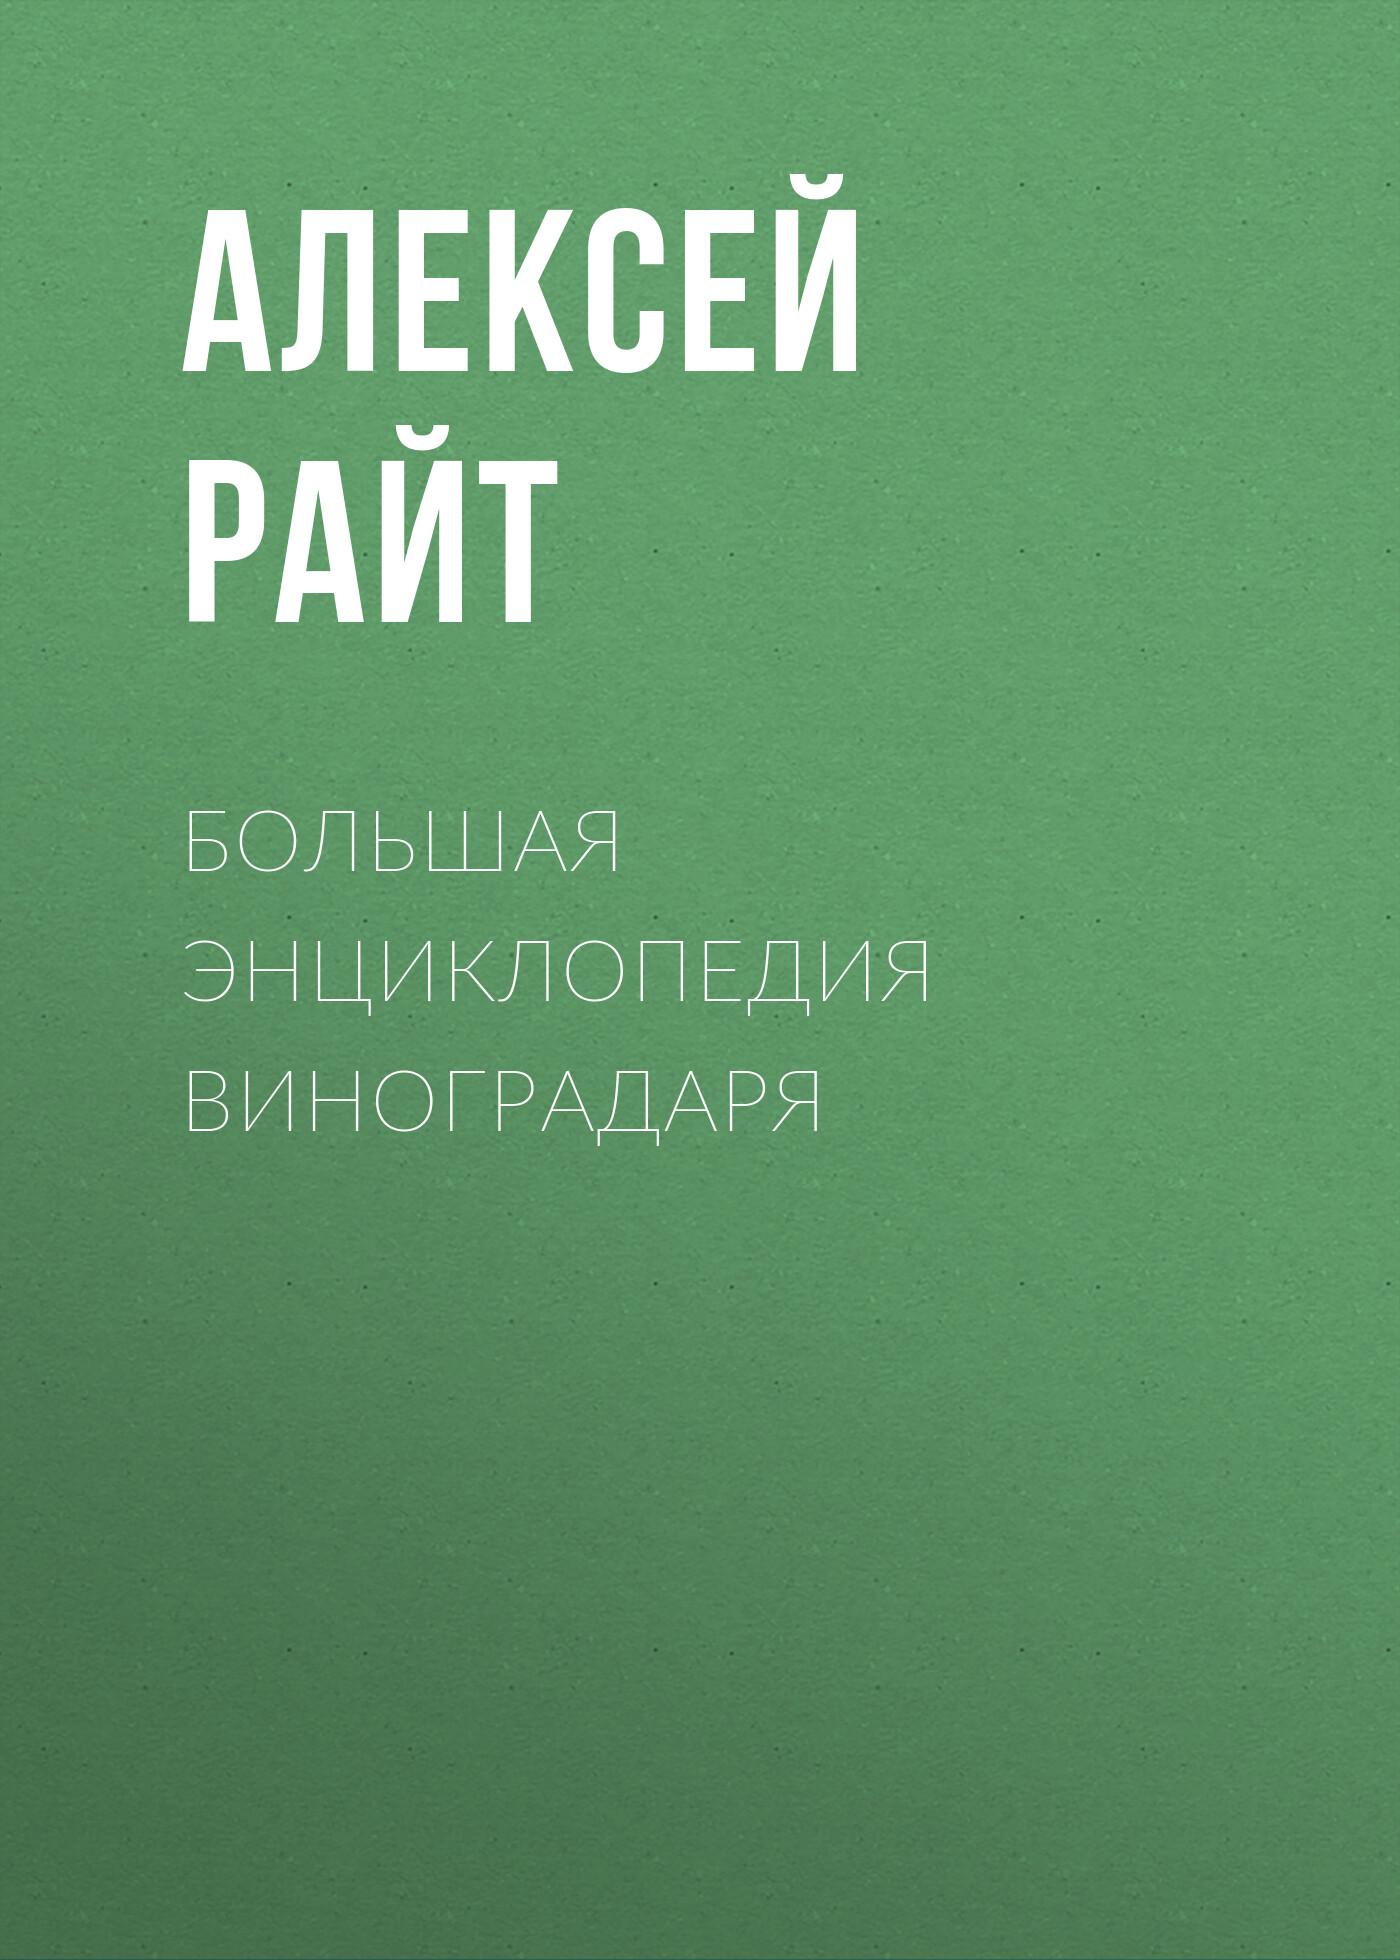 Большая энциклопедия виноградаря